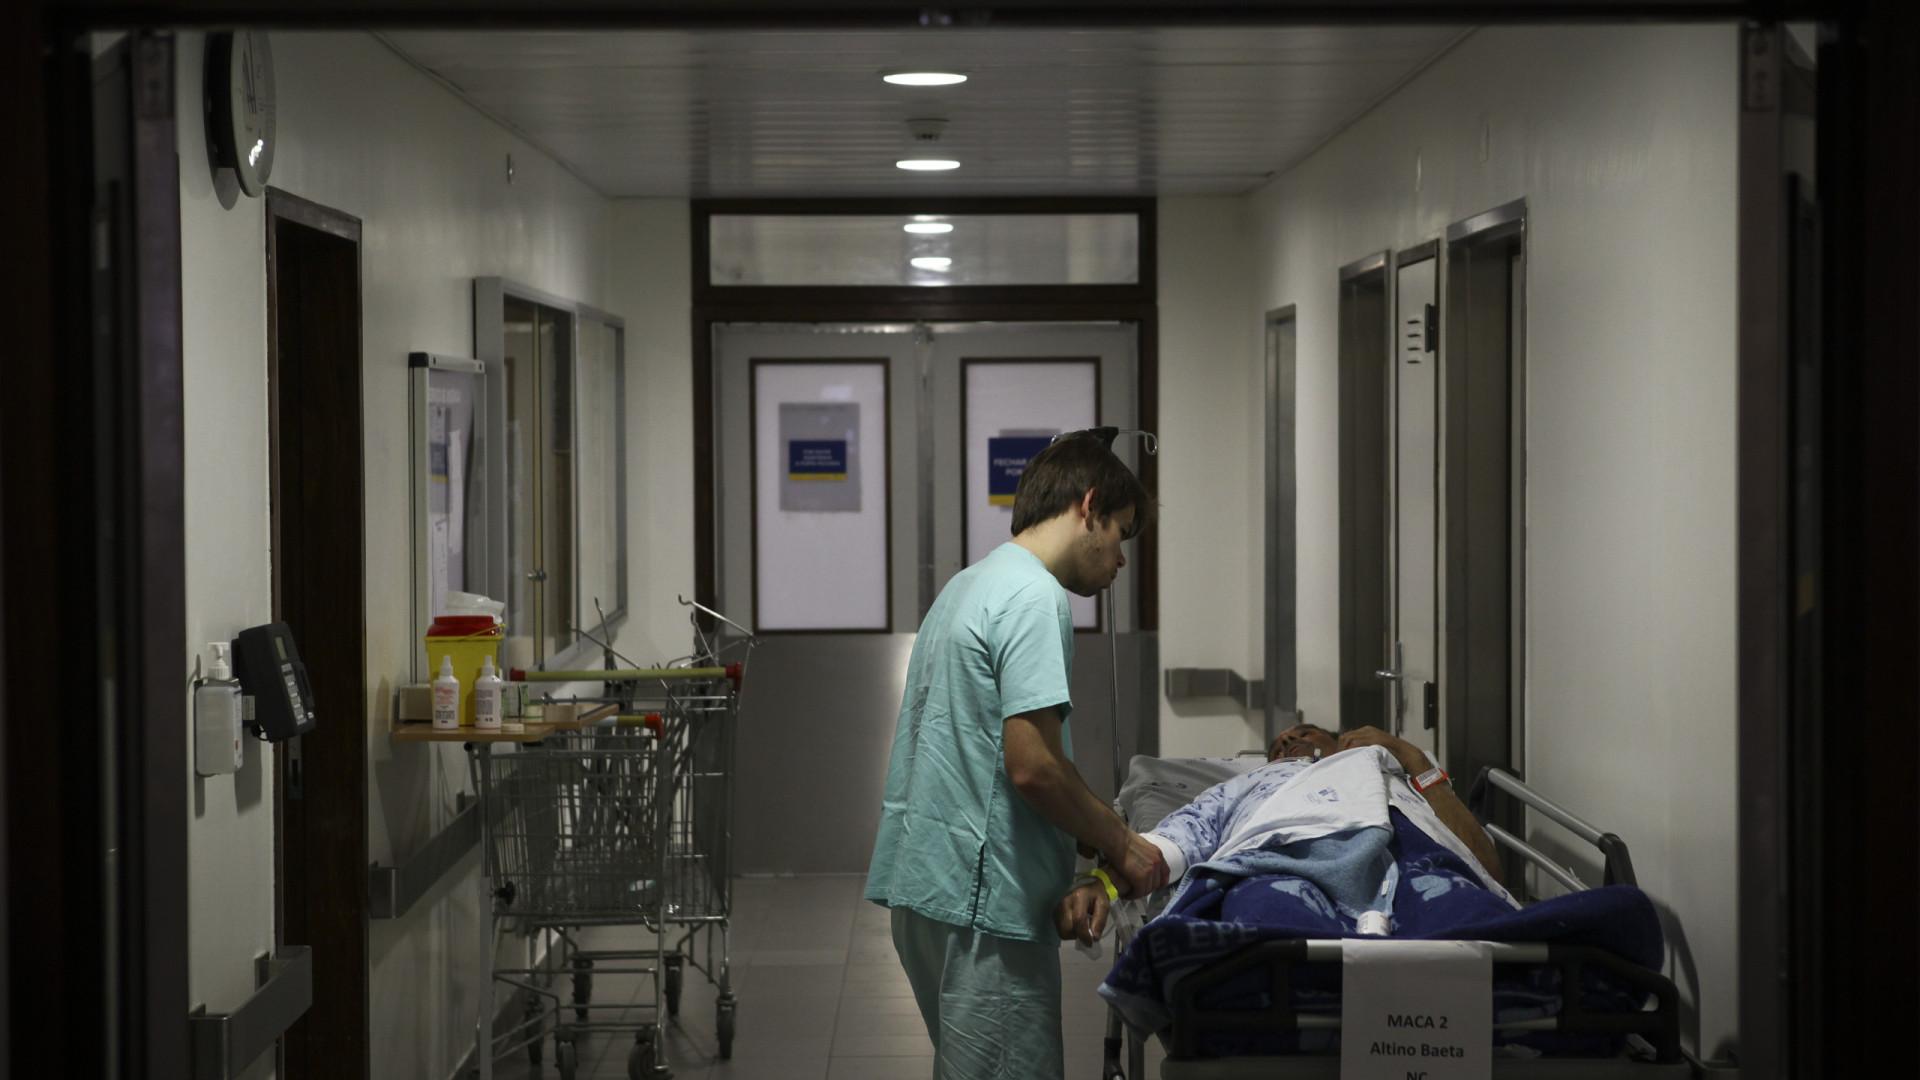 Reino Unido:O destino de muitos alunos da Escola de Tecnologia de Saúde